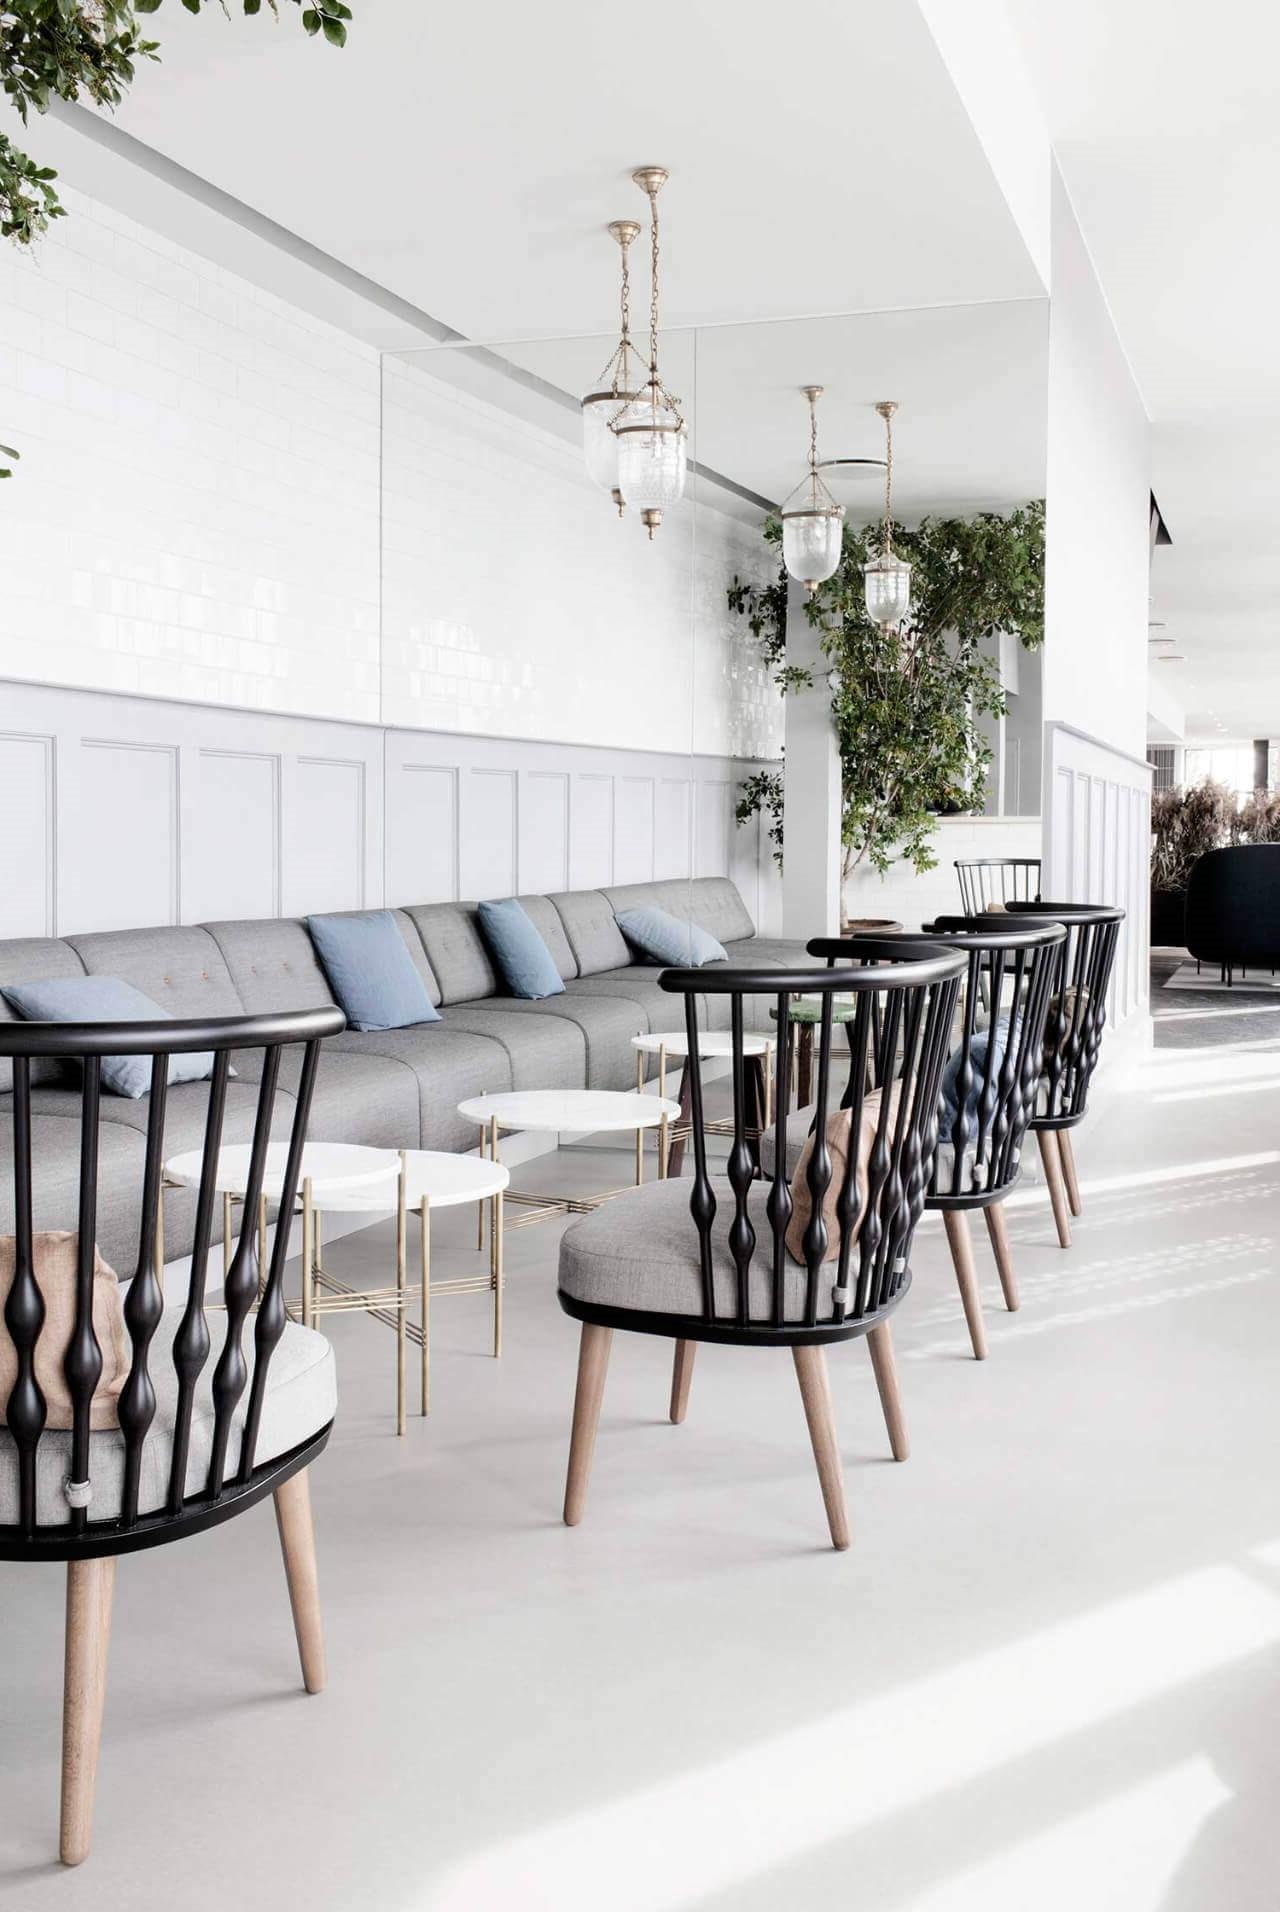 đồ nội thất gỗ phong cách scandinavian